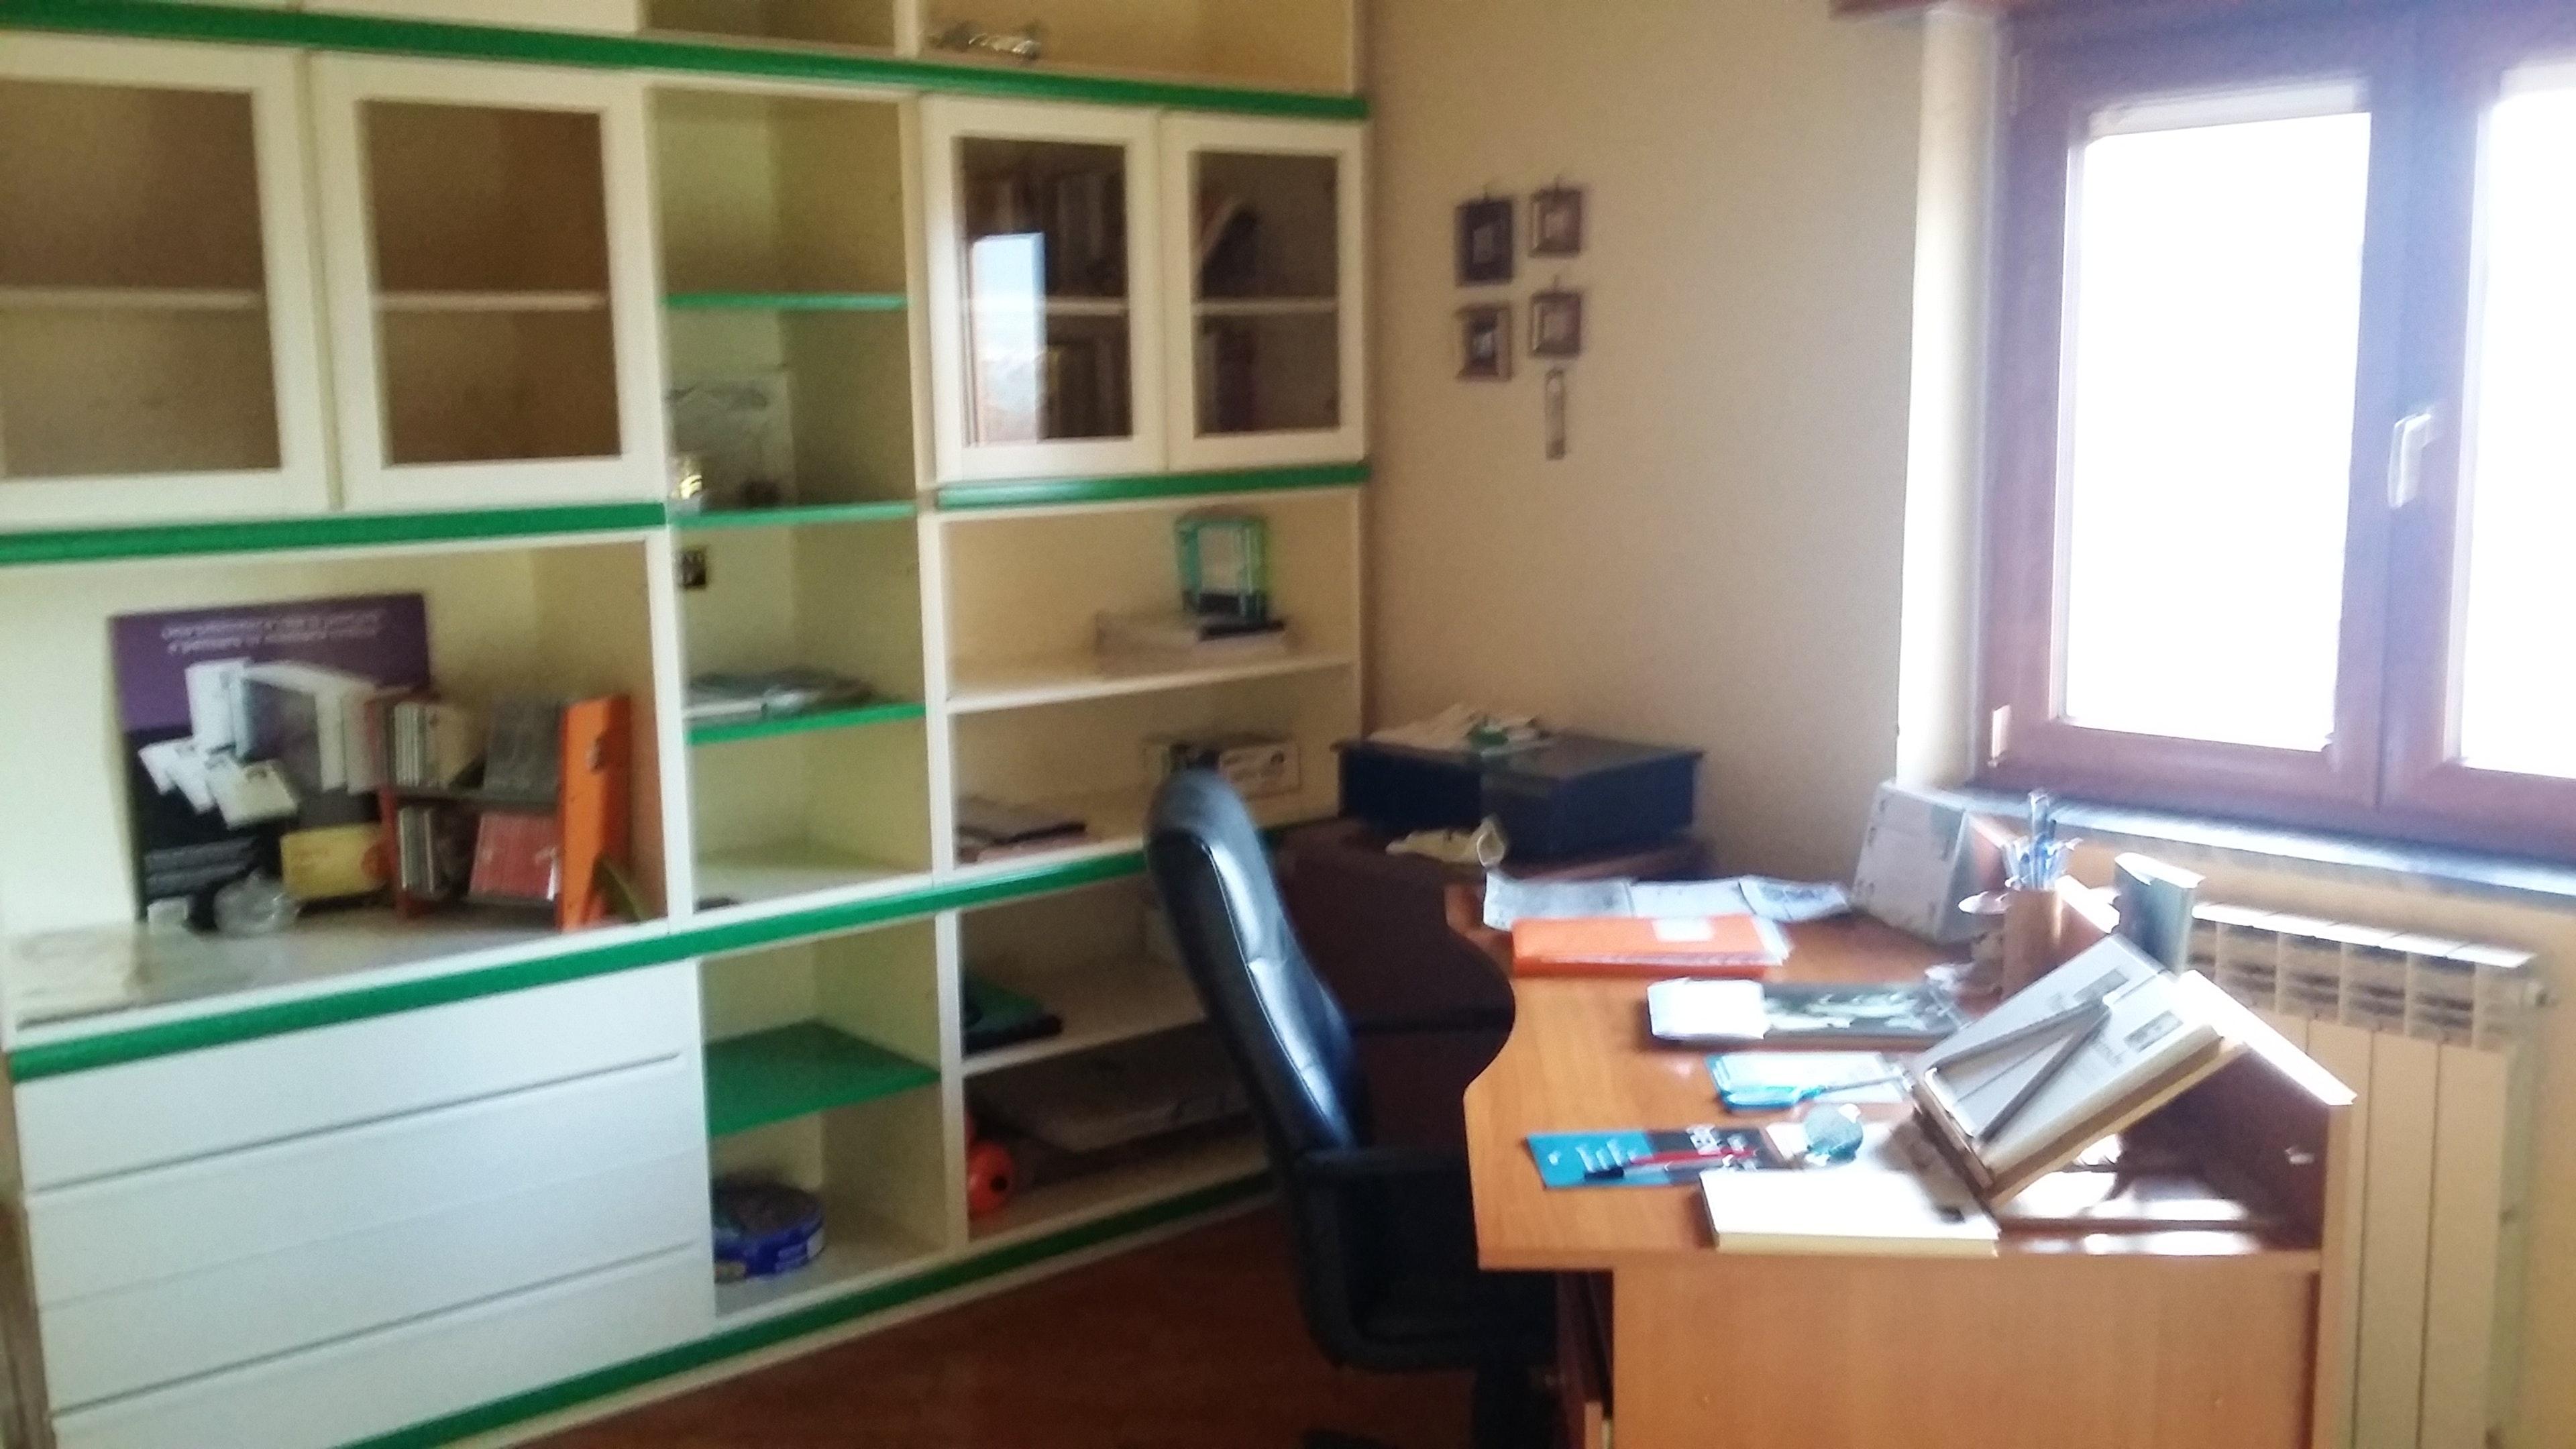 Ferienwohnung Wohnung mit 3 Schlafzimmern in Angri mit schöner Aussicht auf die Stadt und möbliertem Bal (2557376), Angri, Salerno, Kampanien, Italien, Bild 19